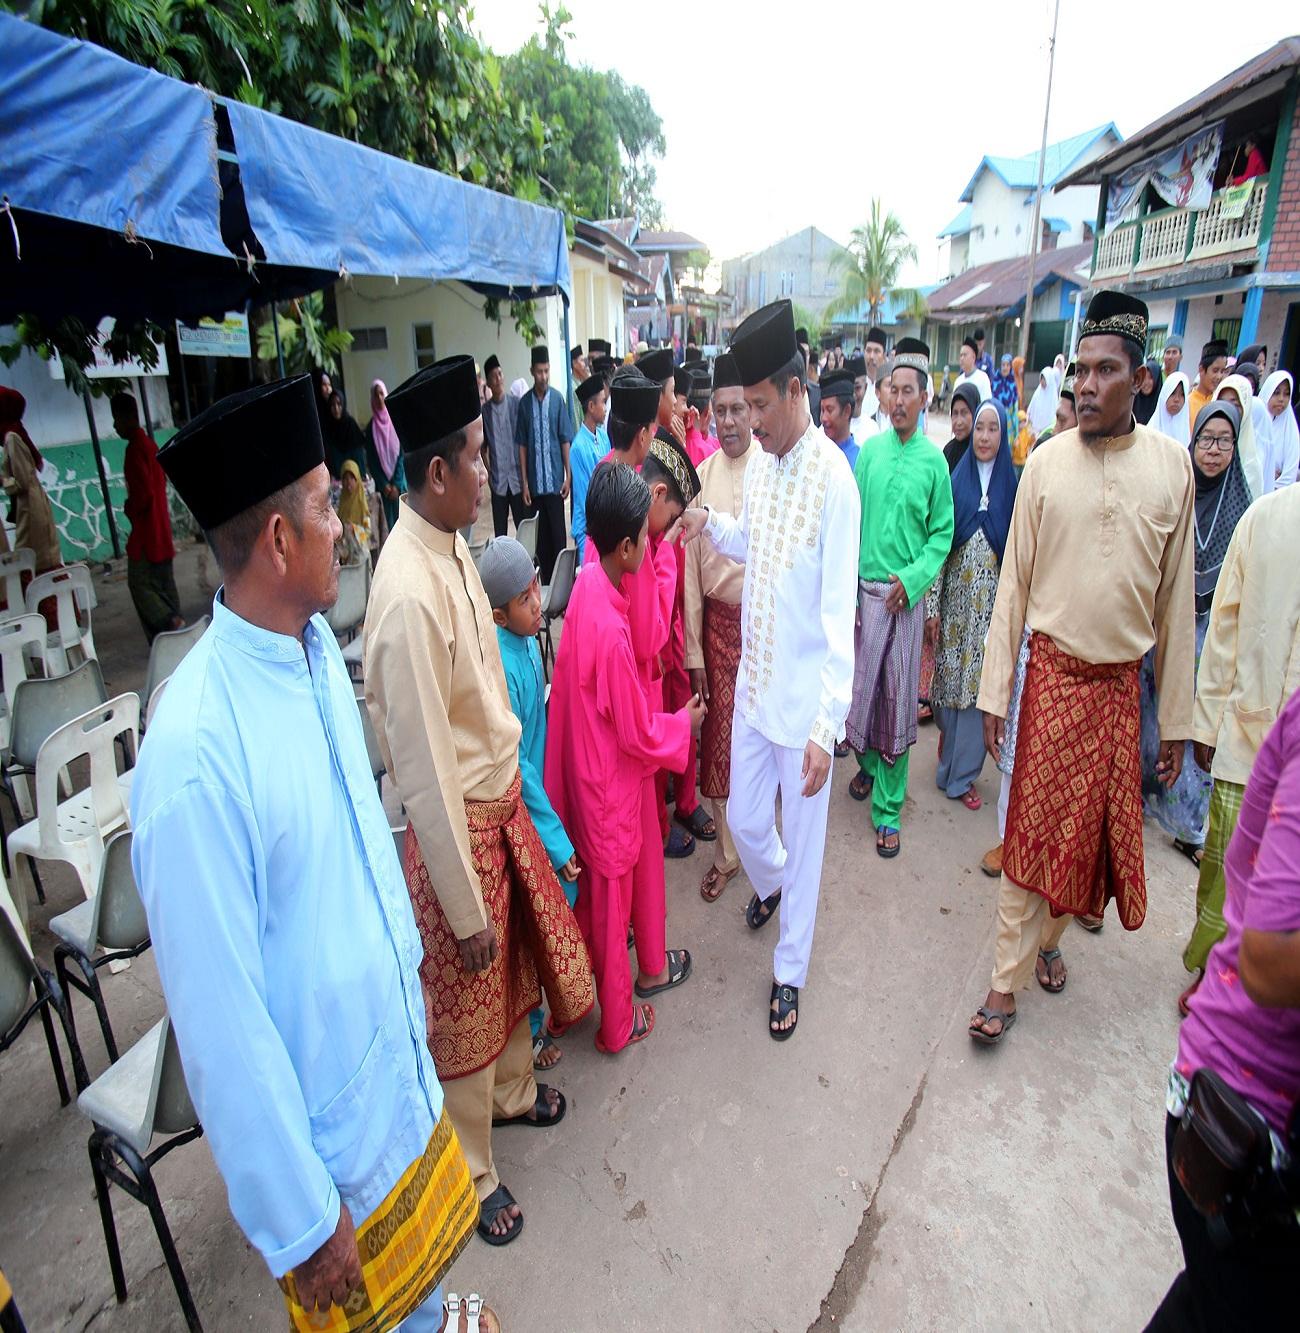 Masyarakat Pulau Selat Nenek antusias menyambut kedatangan H Muhammad Rudi di Masjid Darul Graful Selat Nenek Kecamatan Bulang.